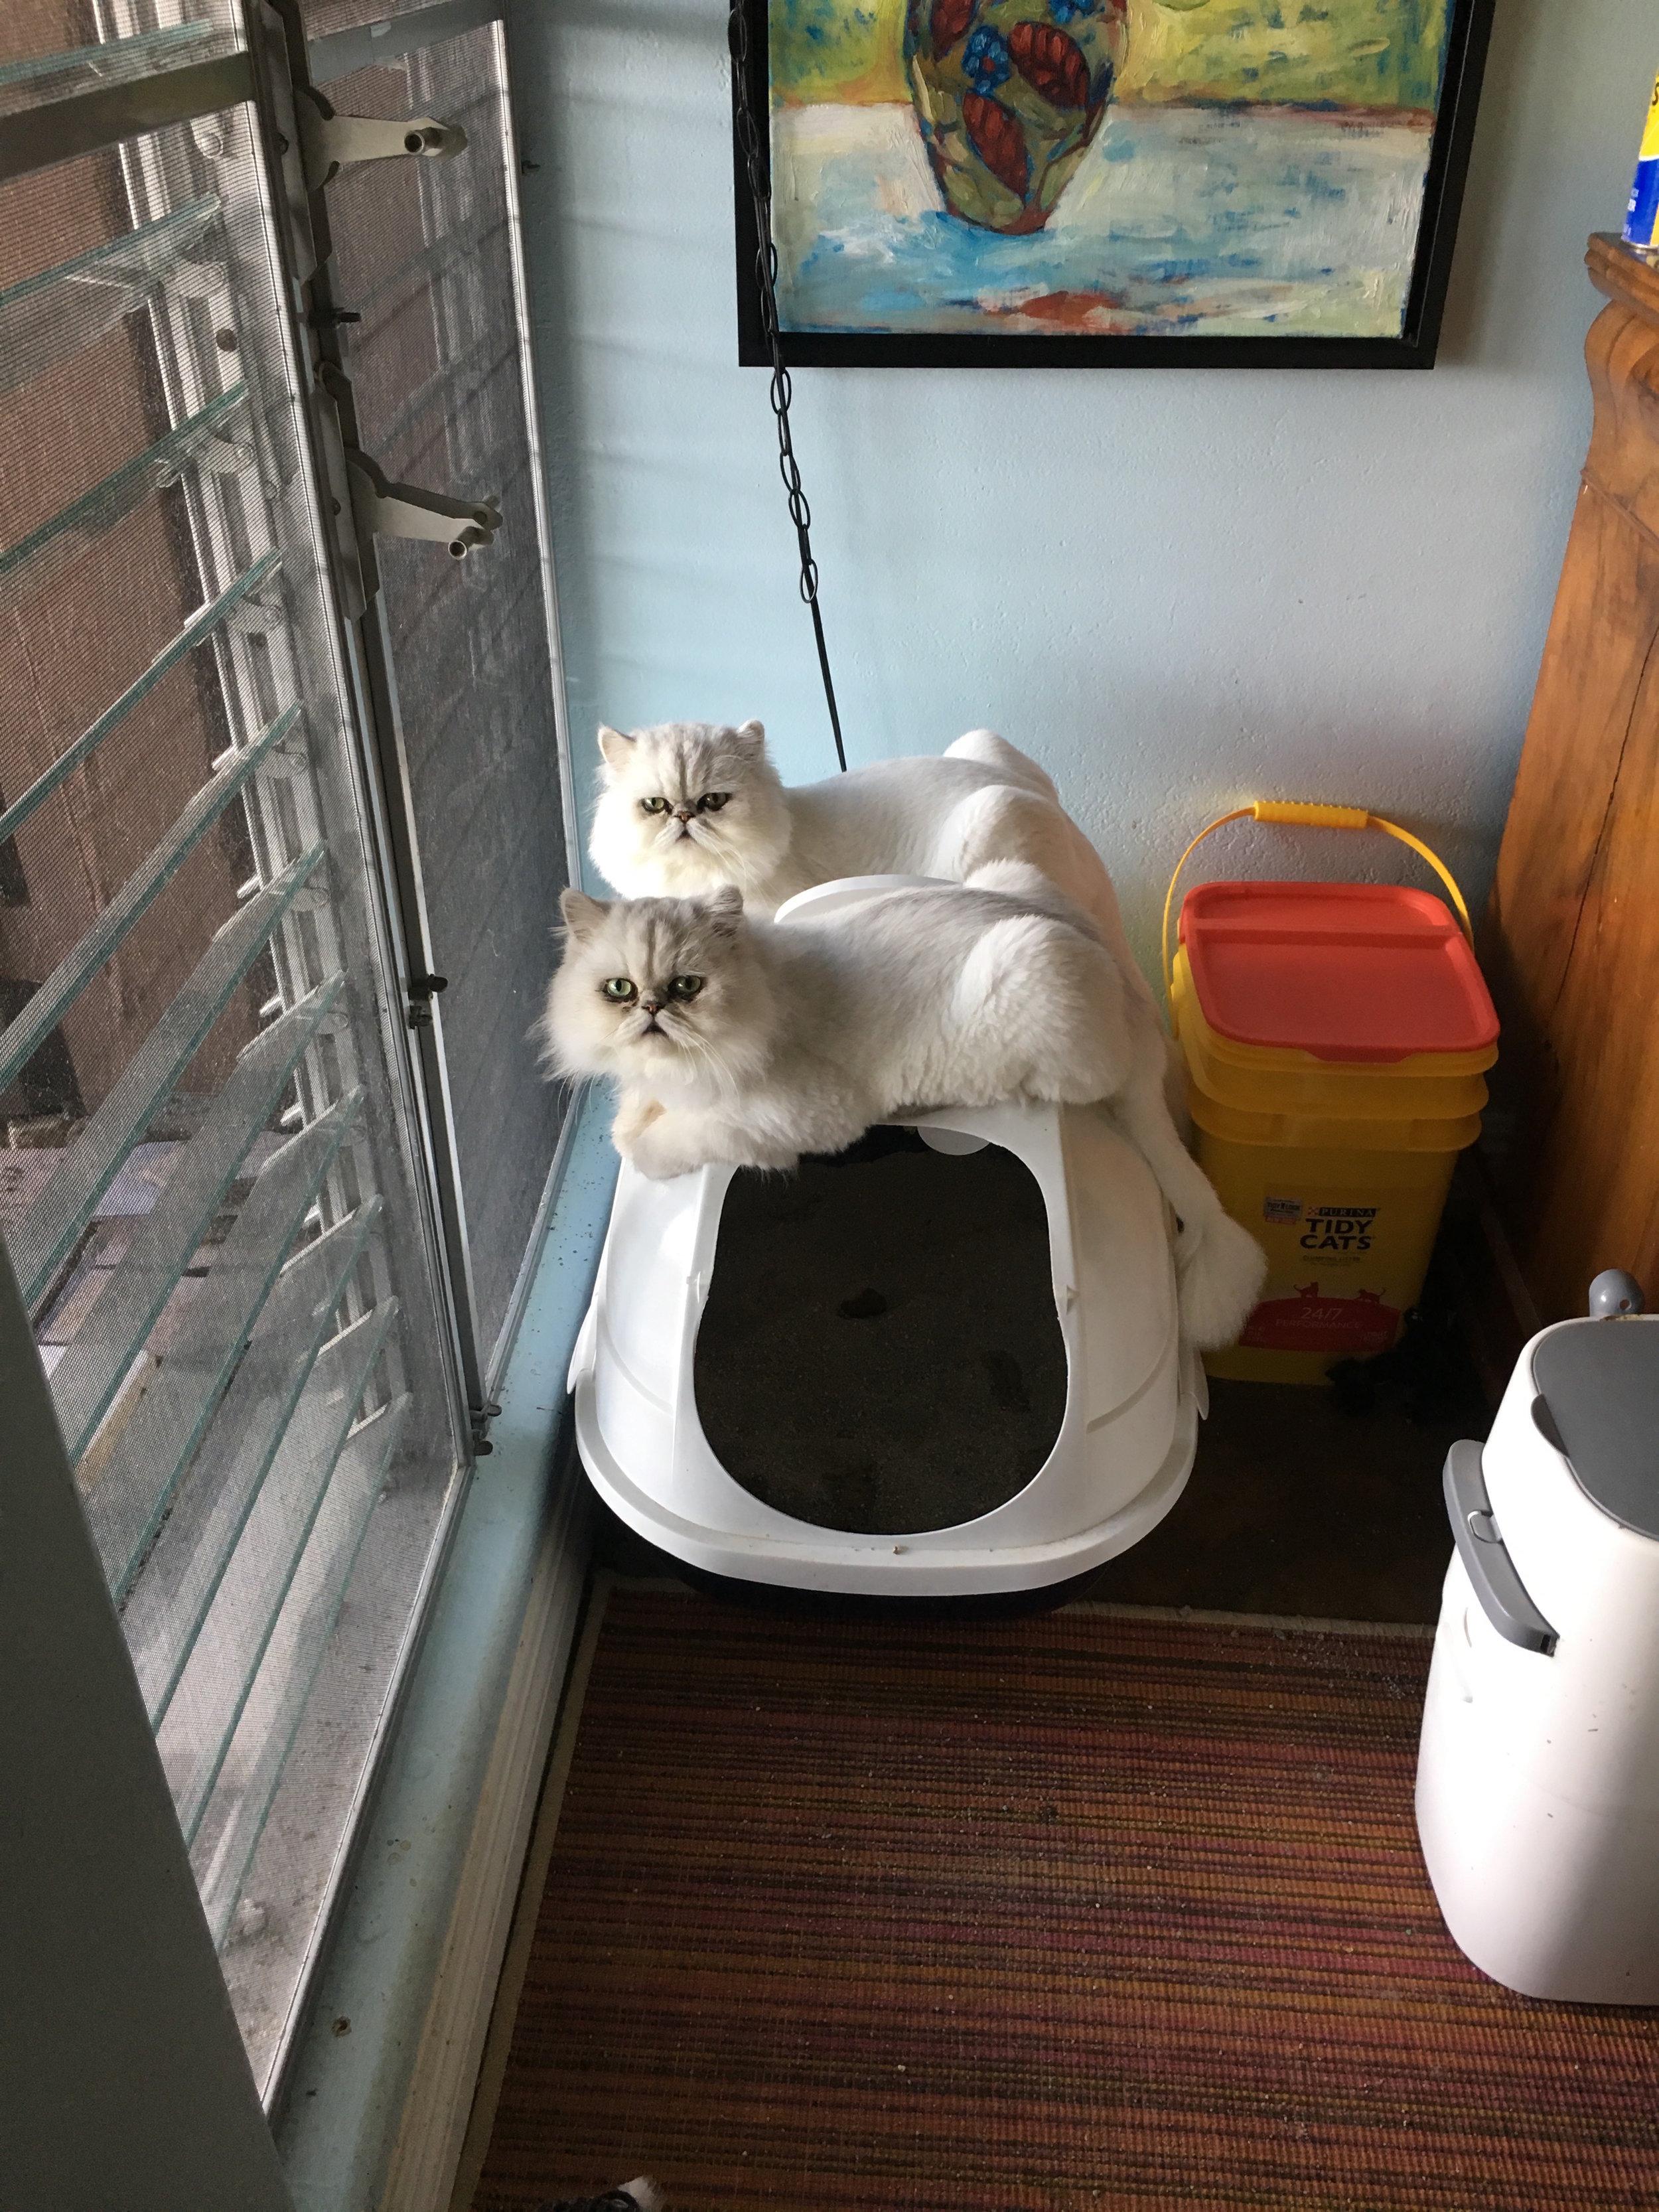 Twinning on the toilet